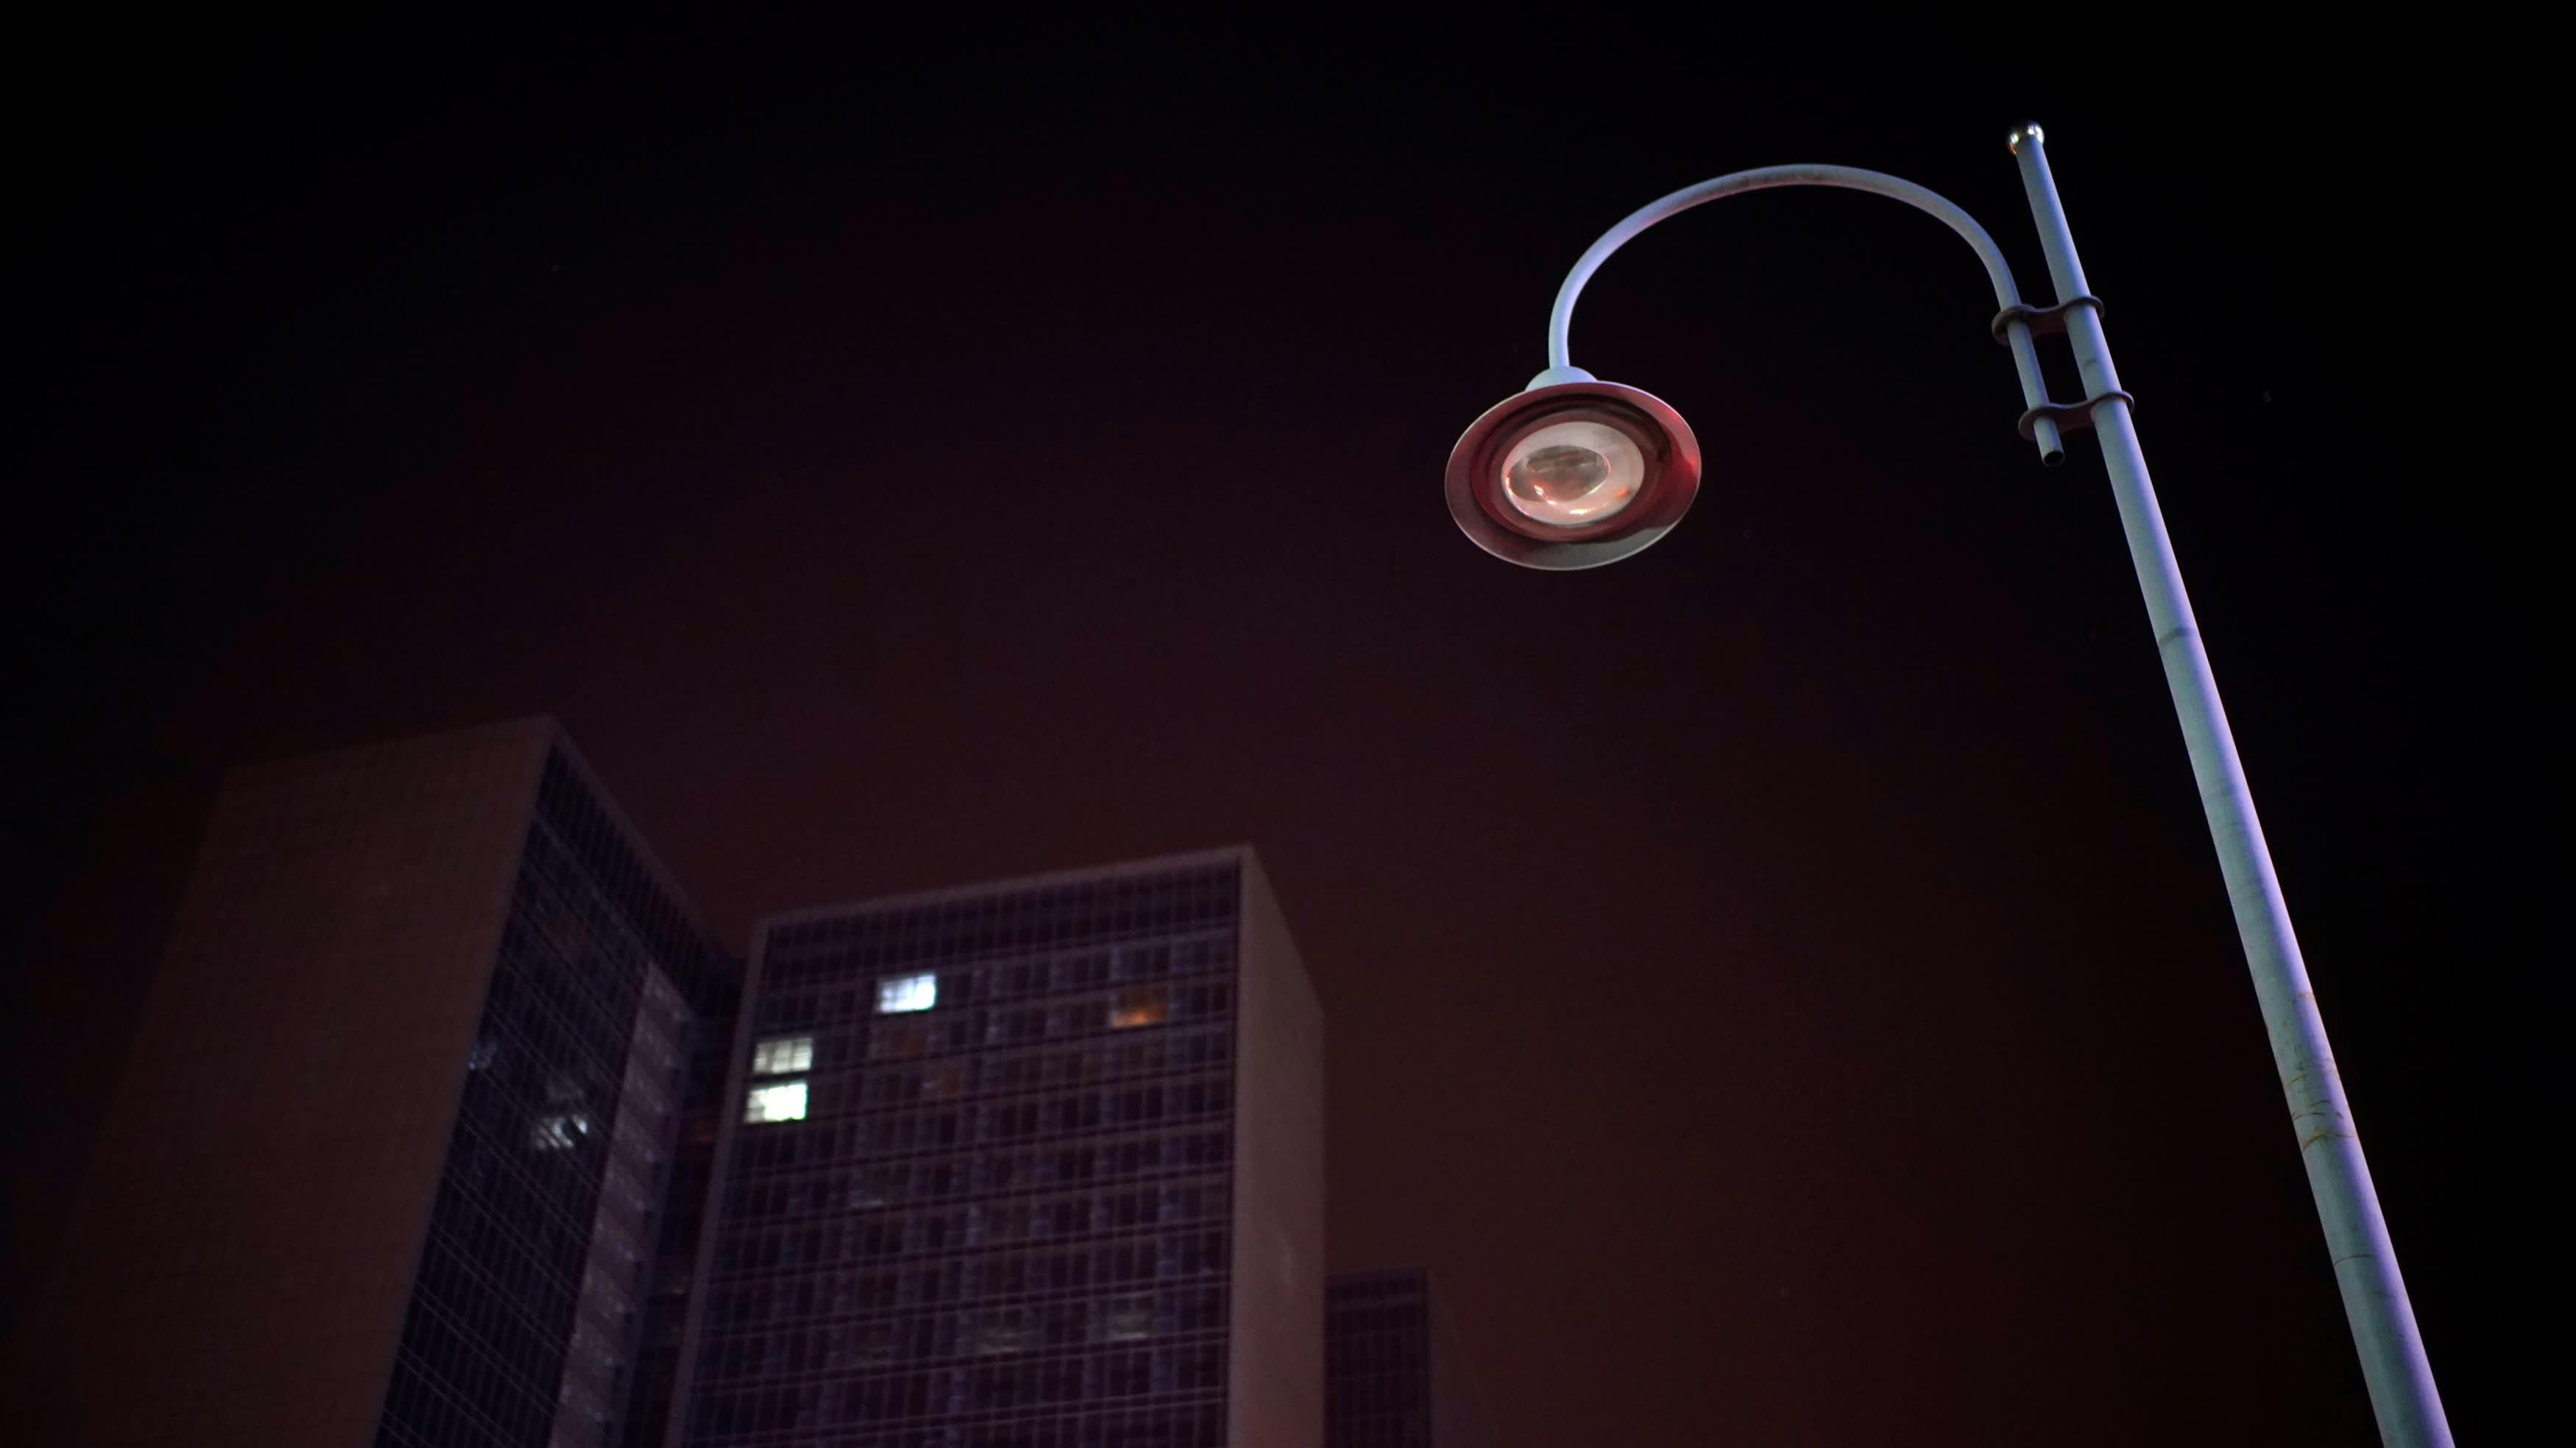 Kinh tế hồi phục nhanh, khủng hoảng thiếu điện tại Trung Quốc đang ngày một tồi tệ hơn